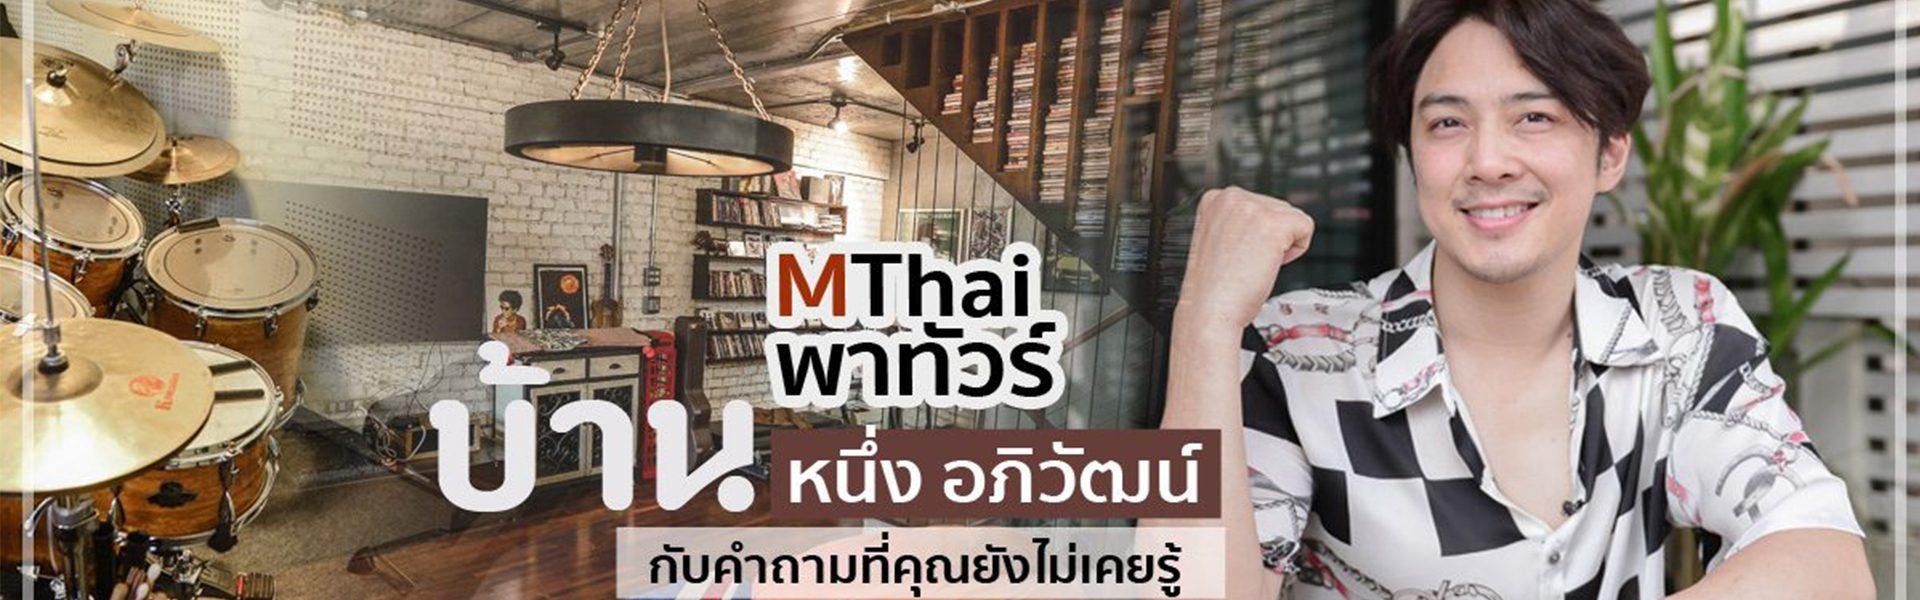 Decor.MThai บุกบ้าน หนึ่ง อภิวัฒน์ พงษ์วาท กับคำถามที่คุณยังไม่เคยรู้